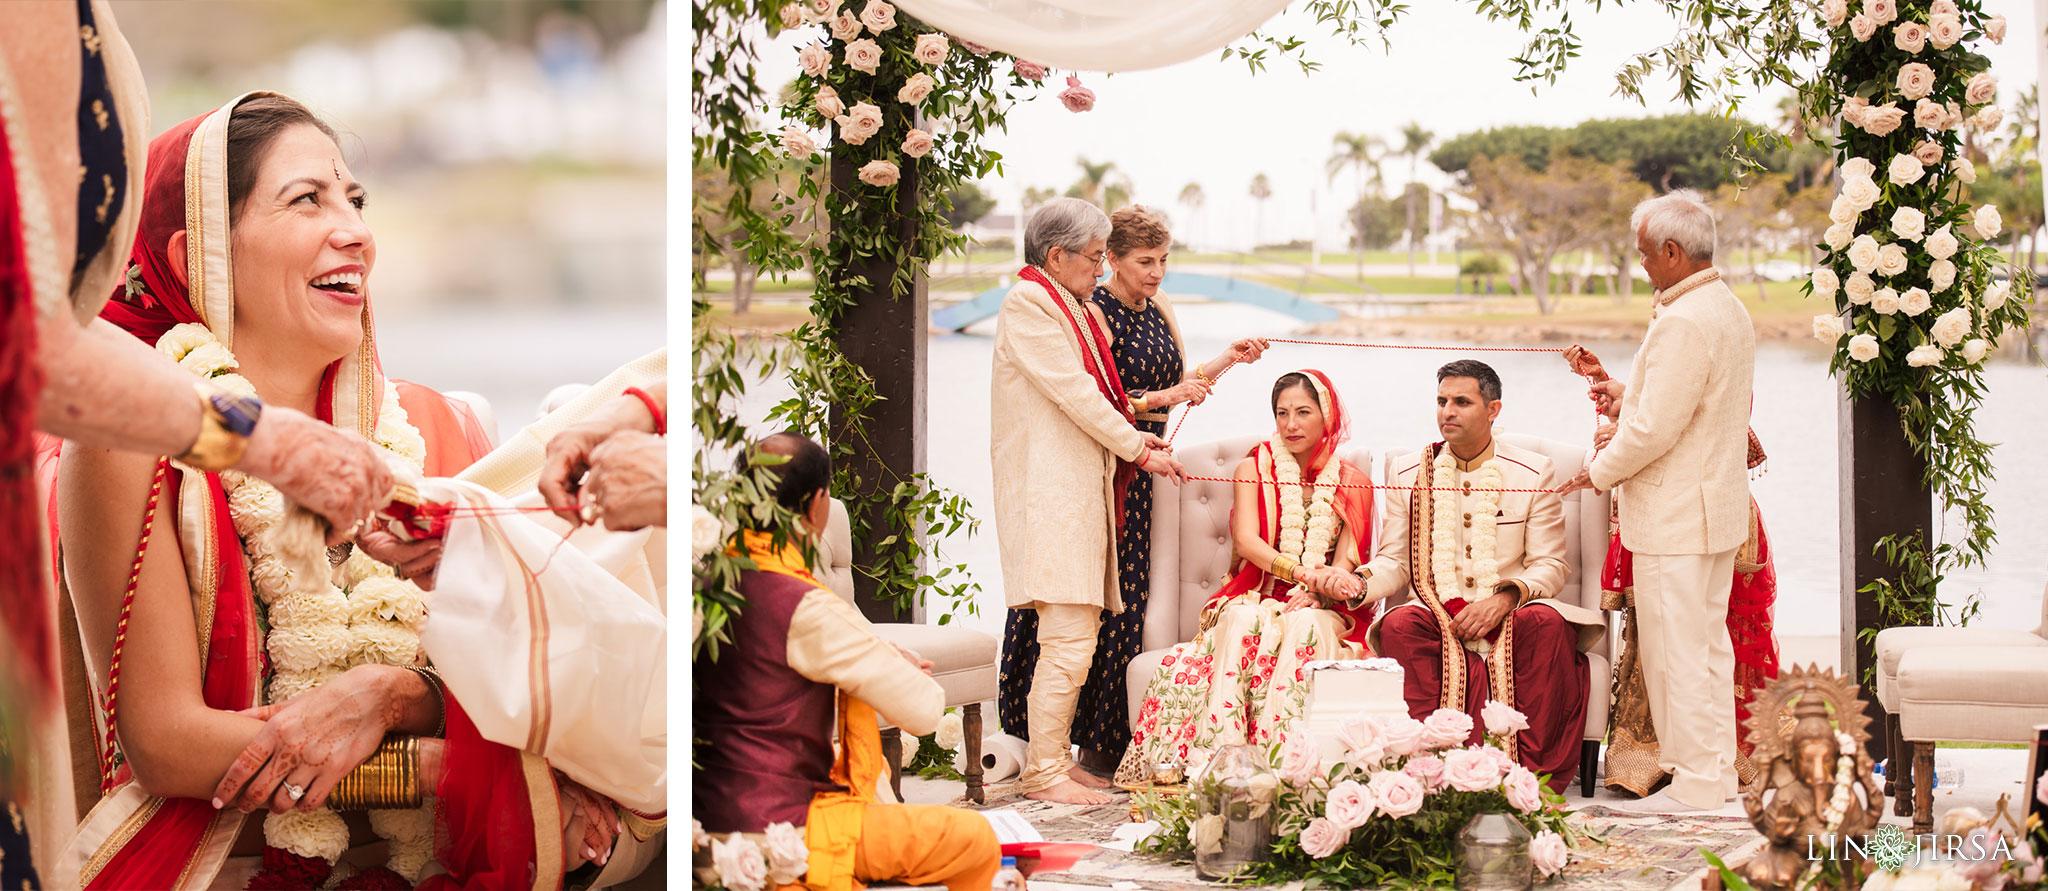 21 Hyatt Long Beach Indian Wedding Photography